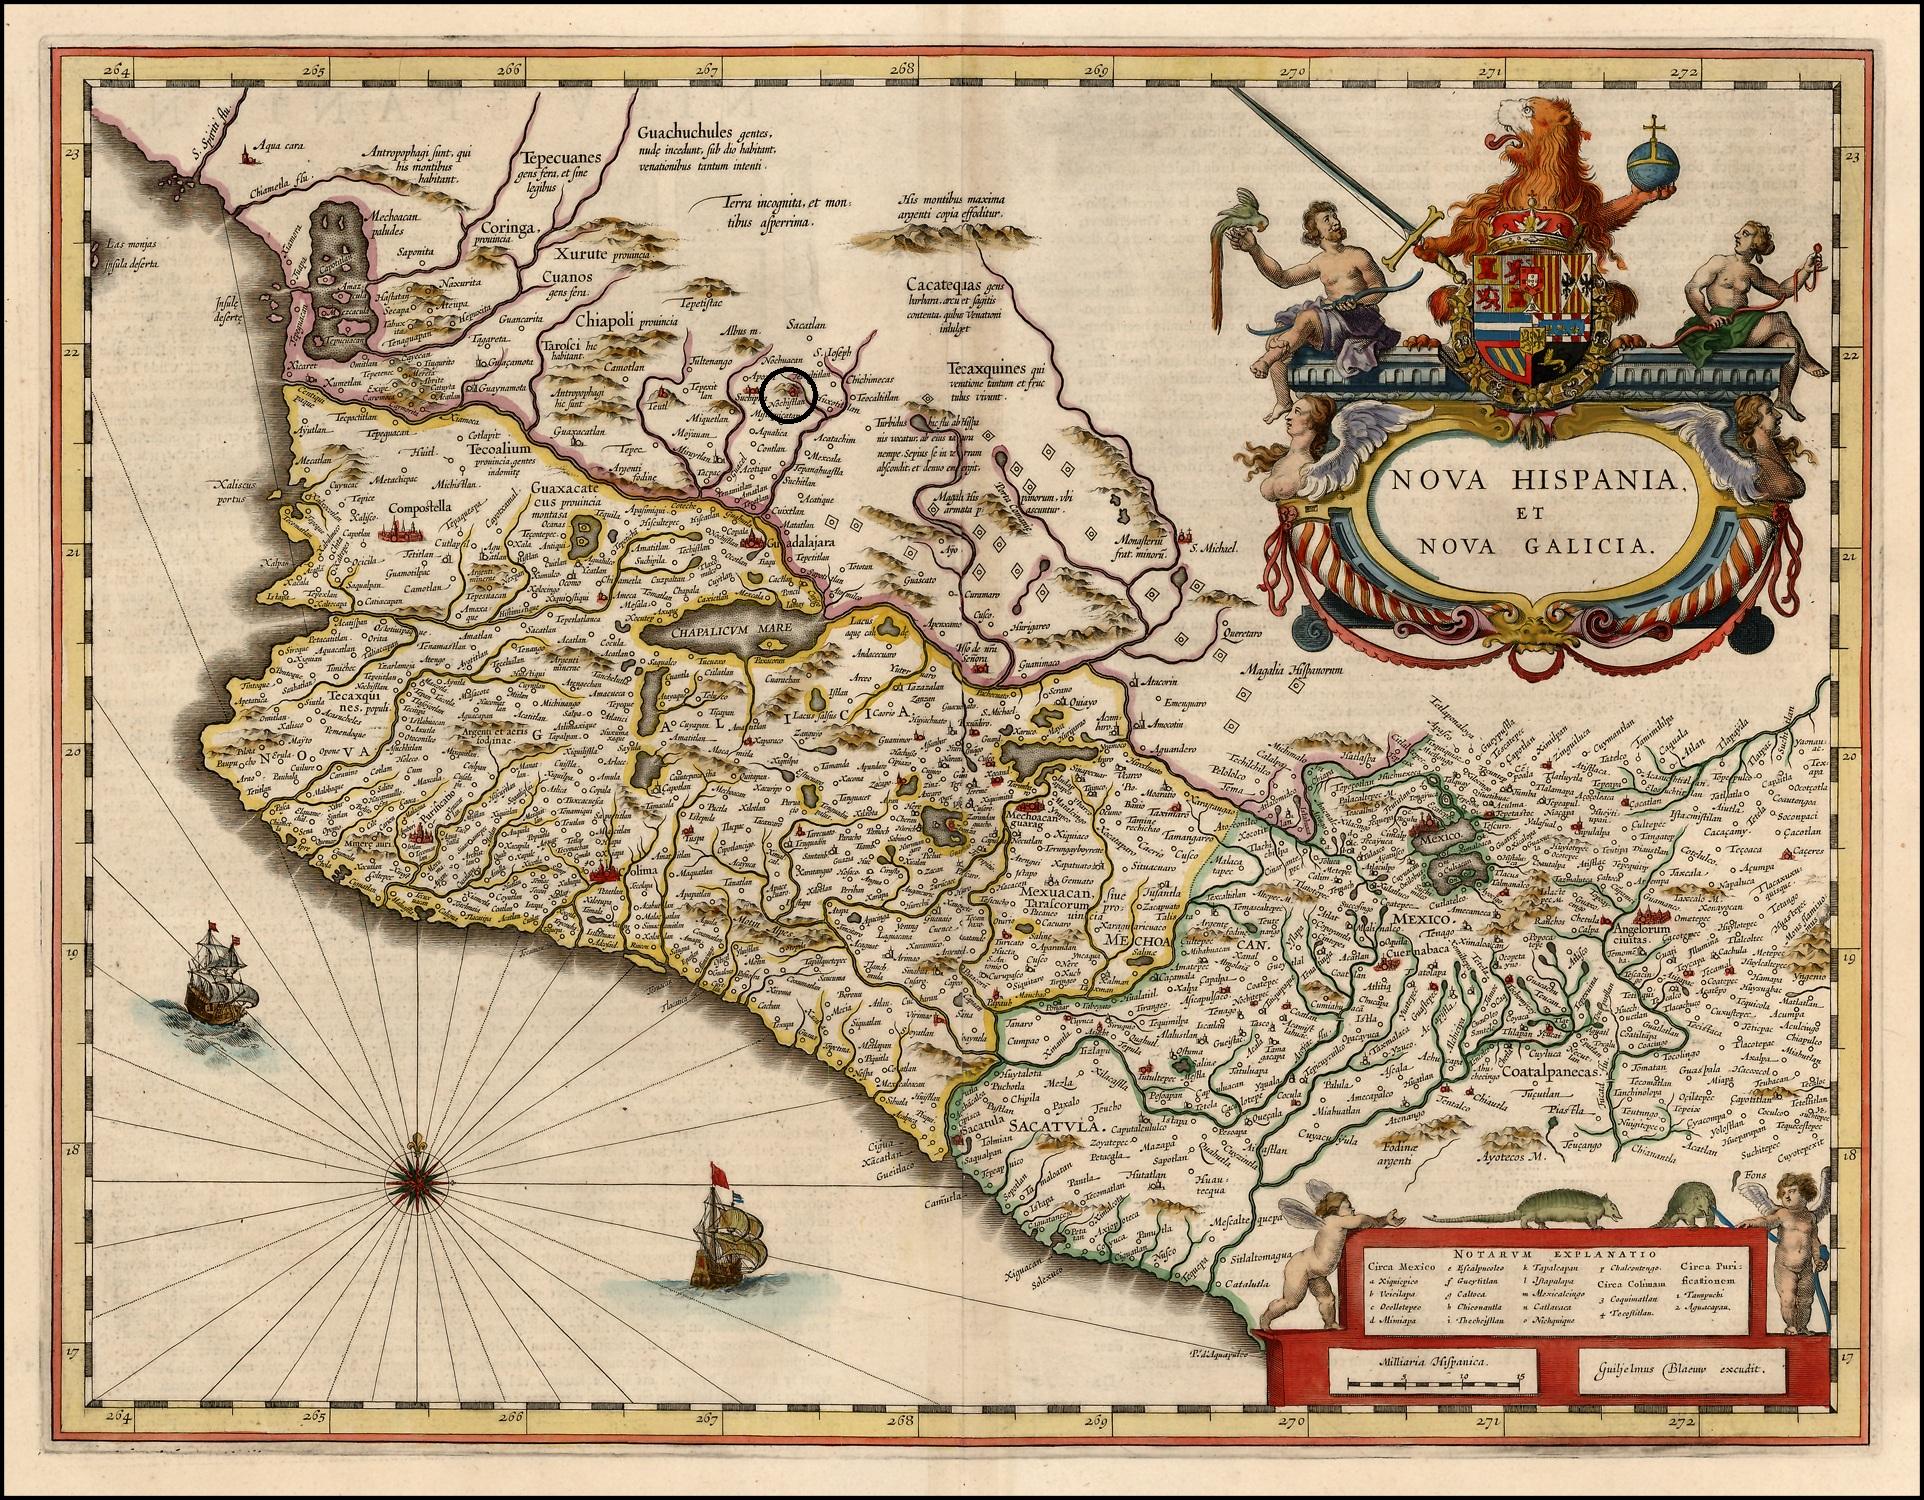 Nu o de guzm n conquistador de nueva galicia historia for Villas que fundo nuno beltran de guzman en el occidente de mexico